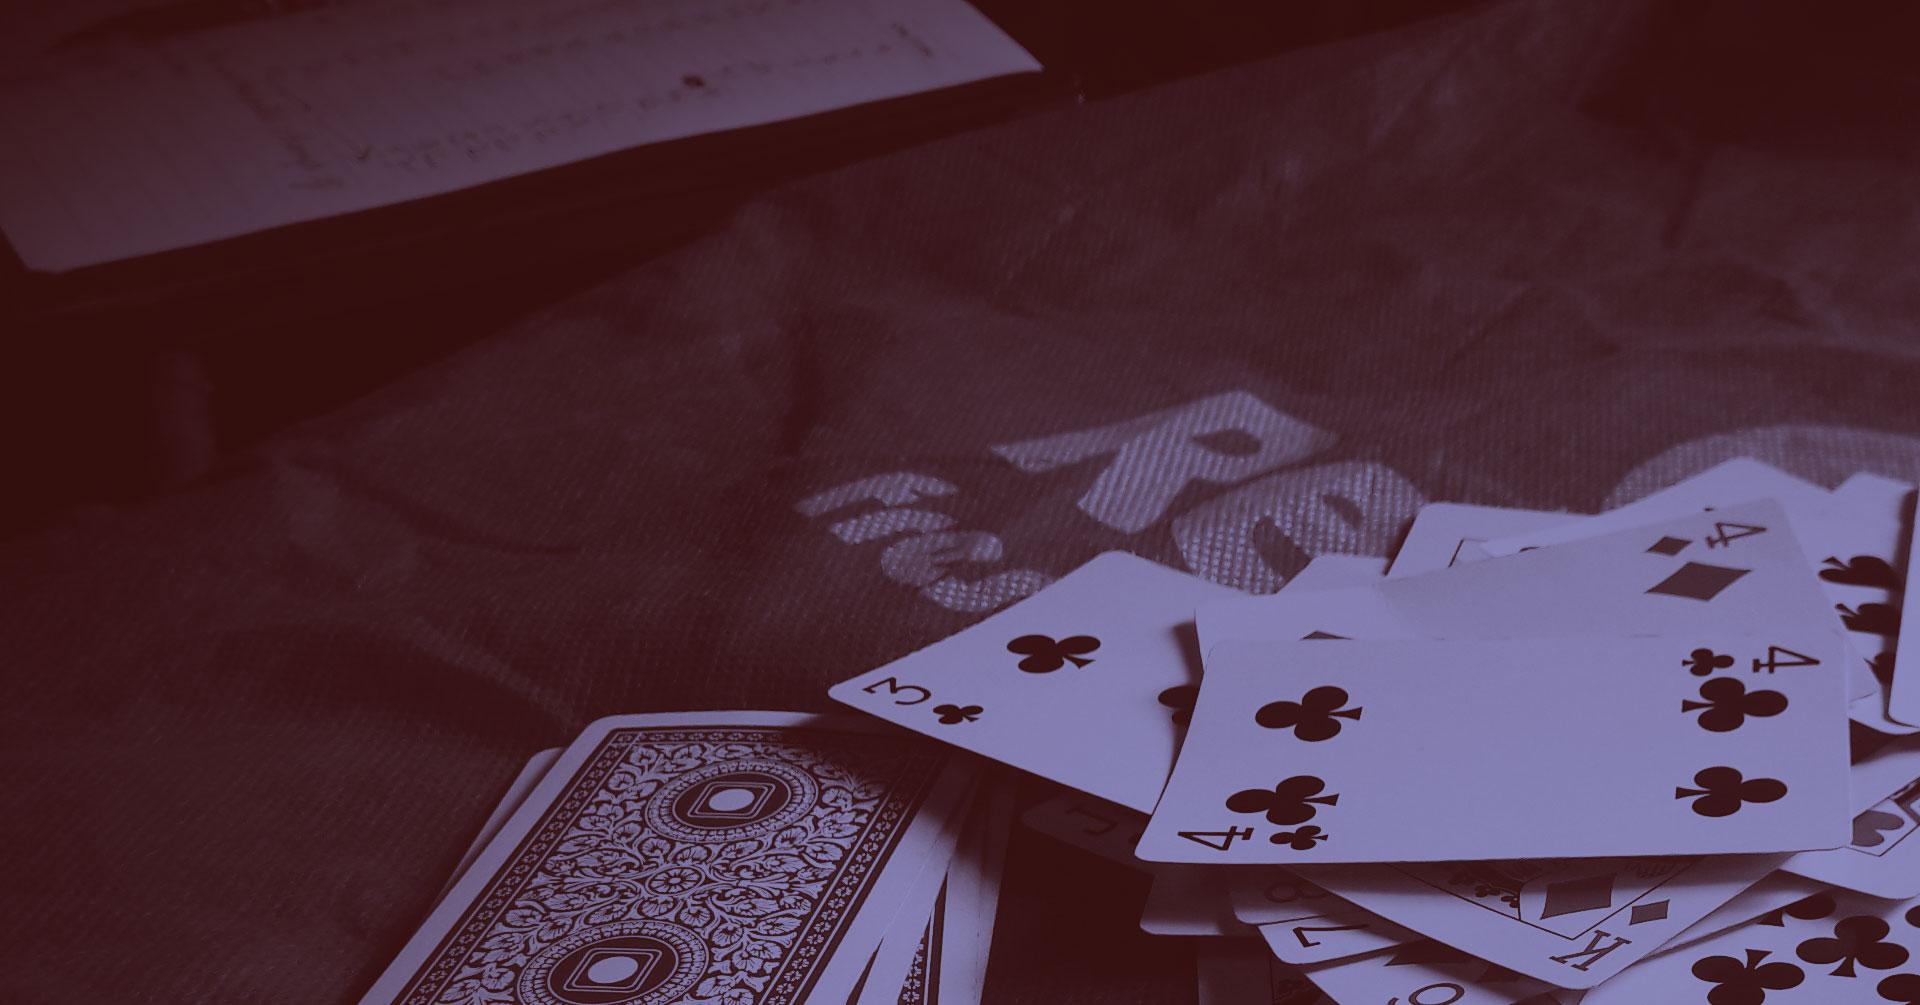 spela ansvarsfullt för att slippa risken för missbruk